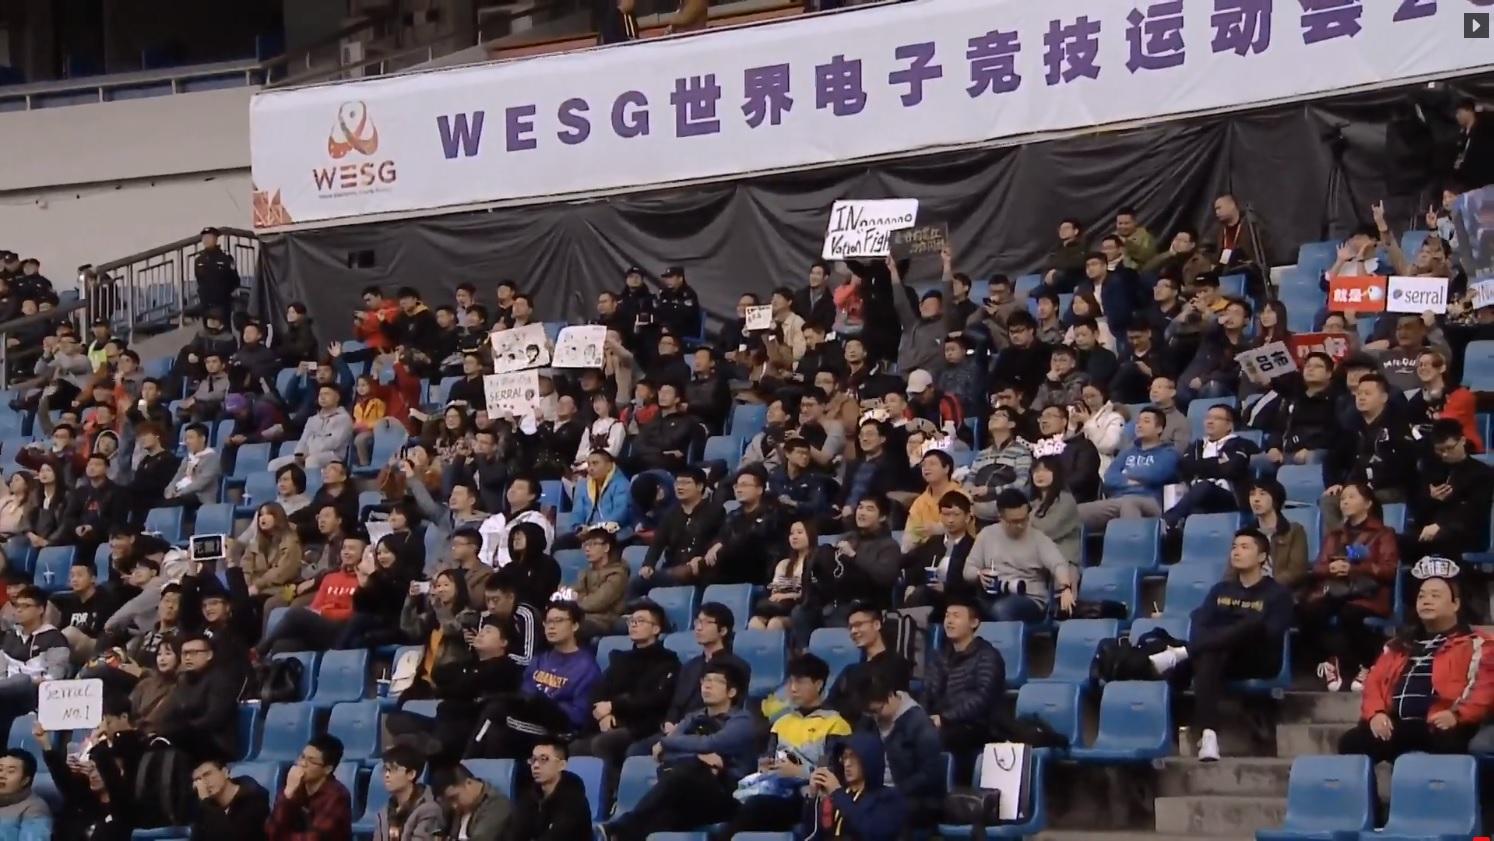 現場觀眾相當多。